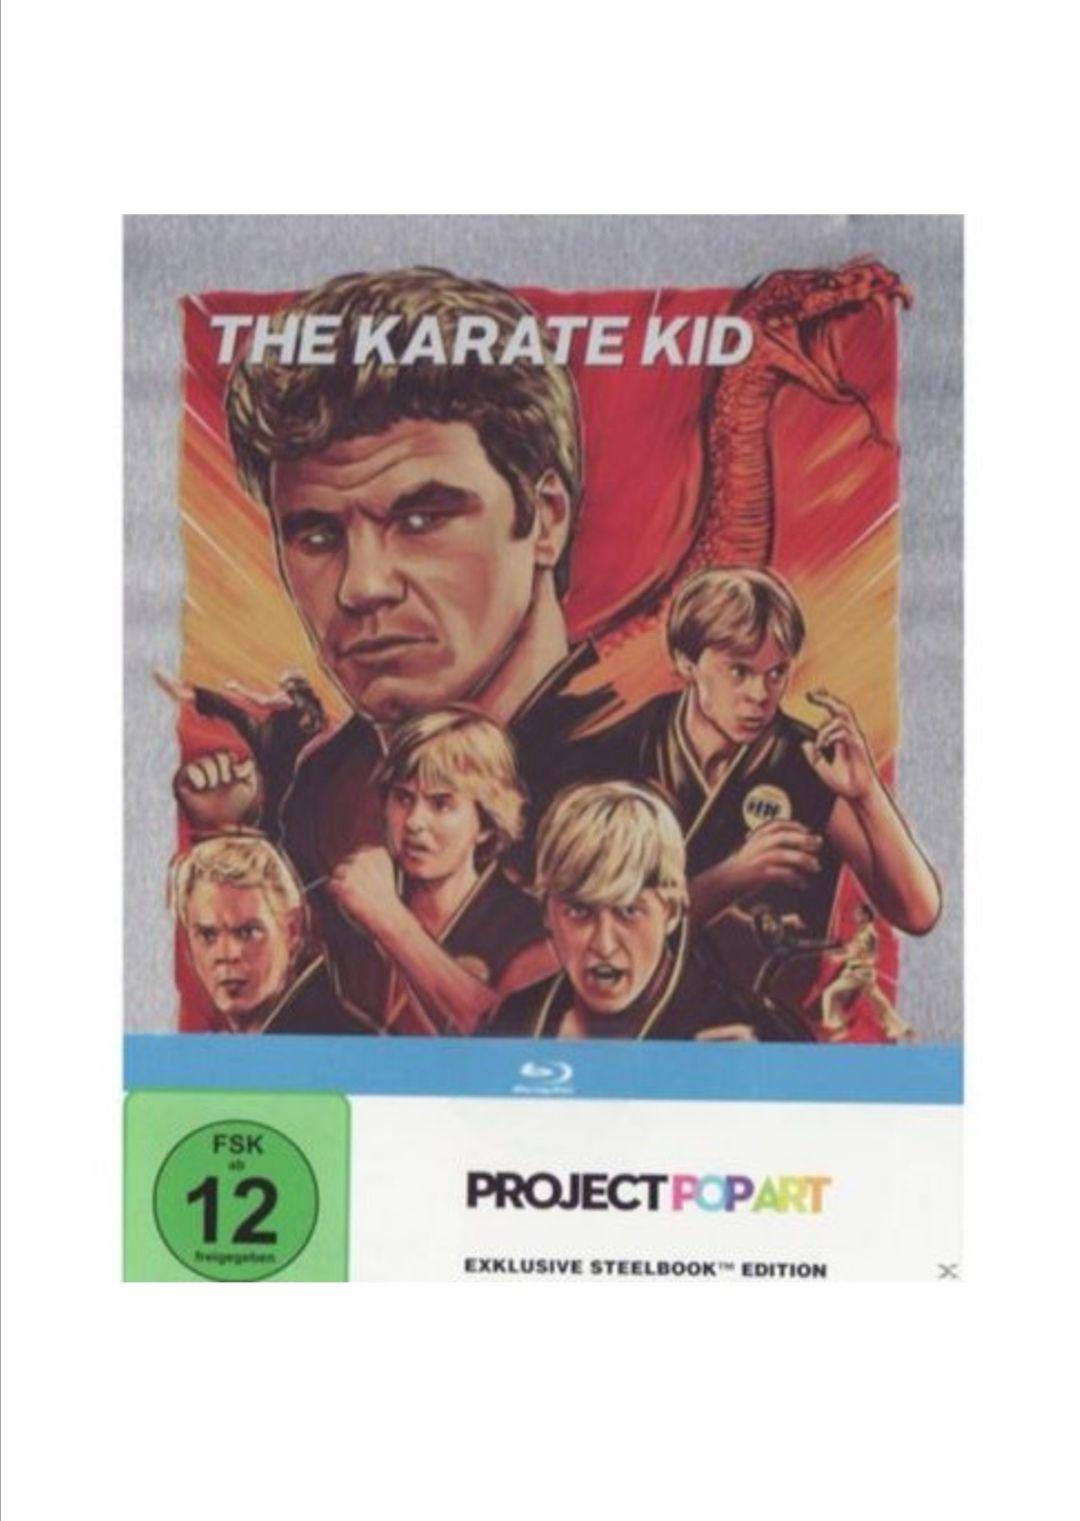 Karate Kid (Steelbook Edition)Blu-ray für 2,99€ [Saturn]